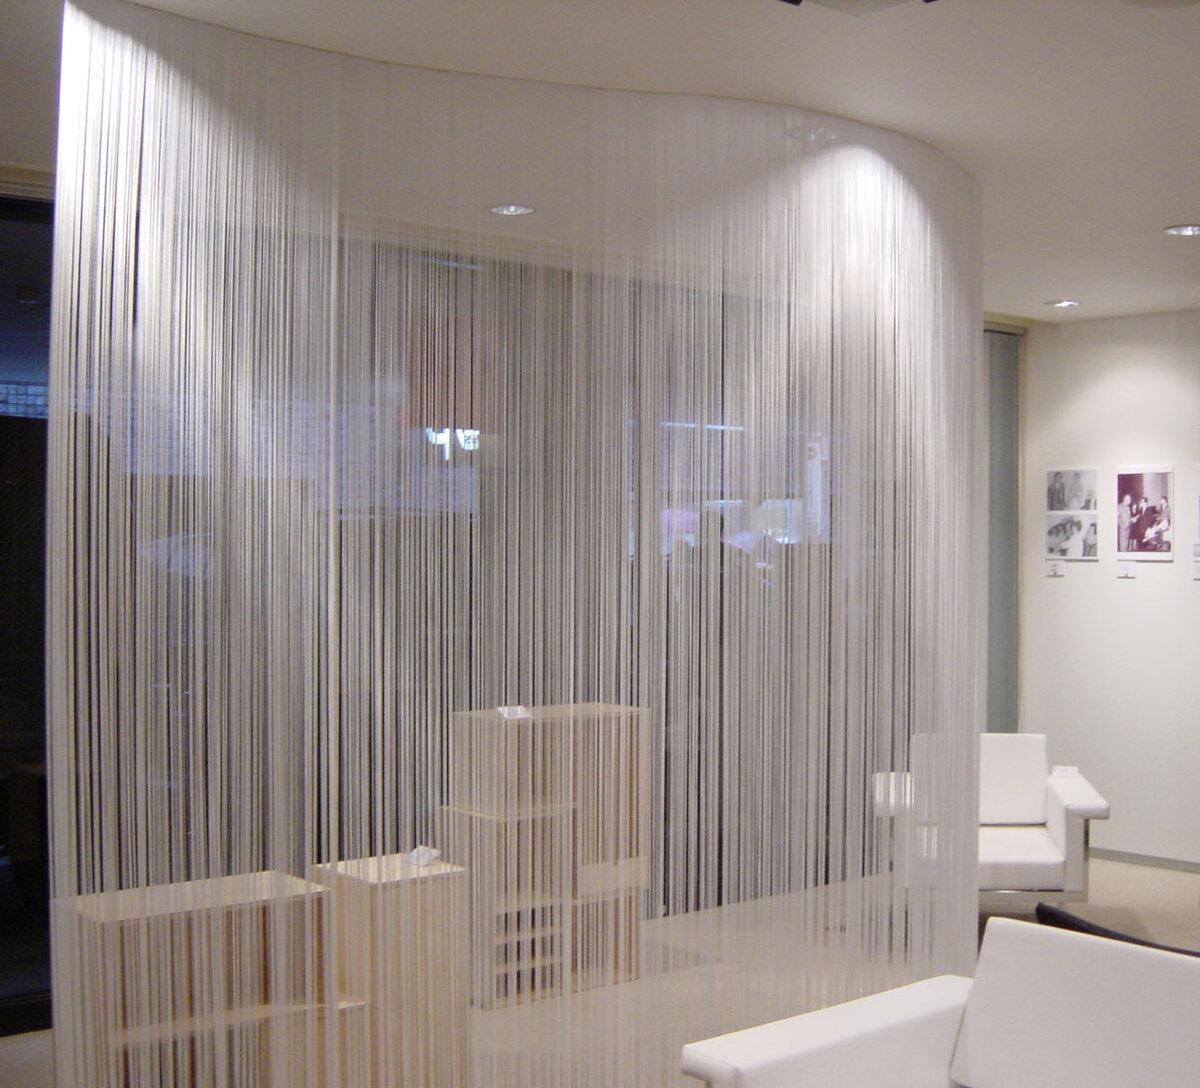 Нитяные шторы в интерьере - виды, идеи декорирования, примеры использования на кухне, гостиной и спальне